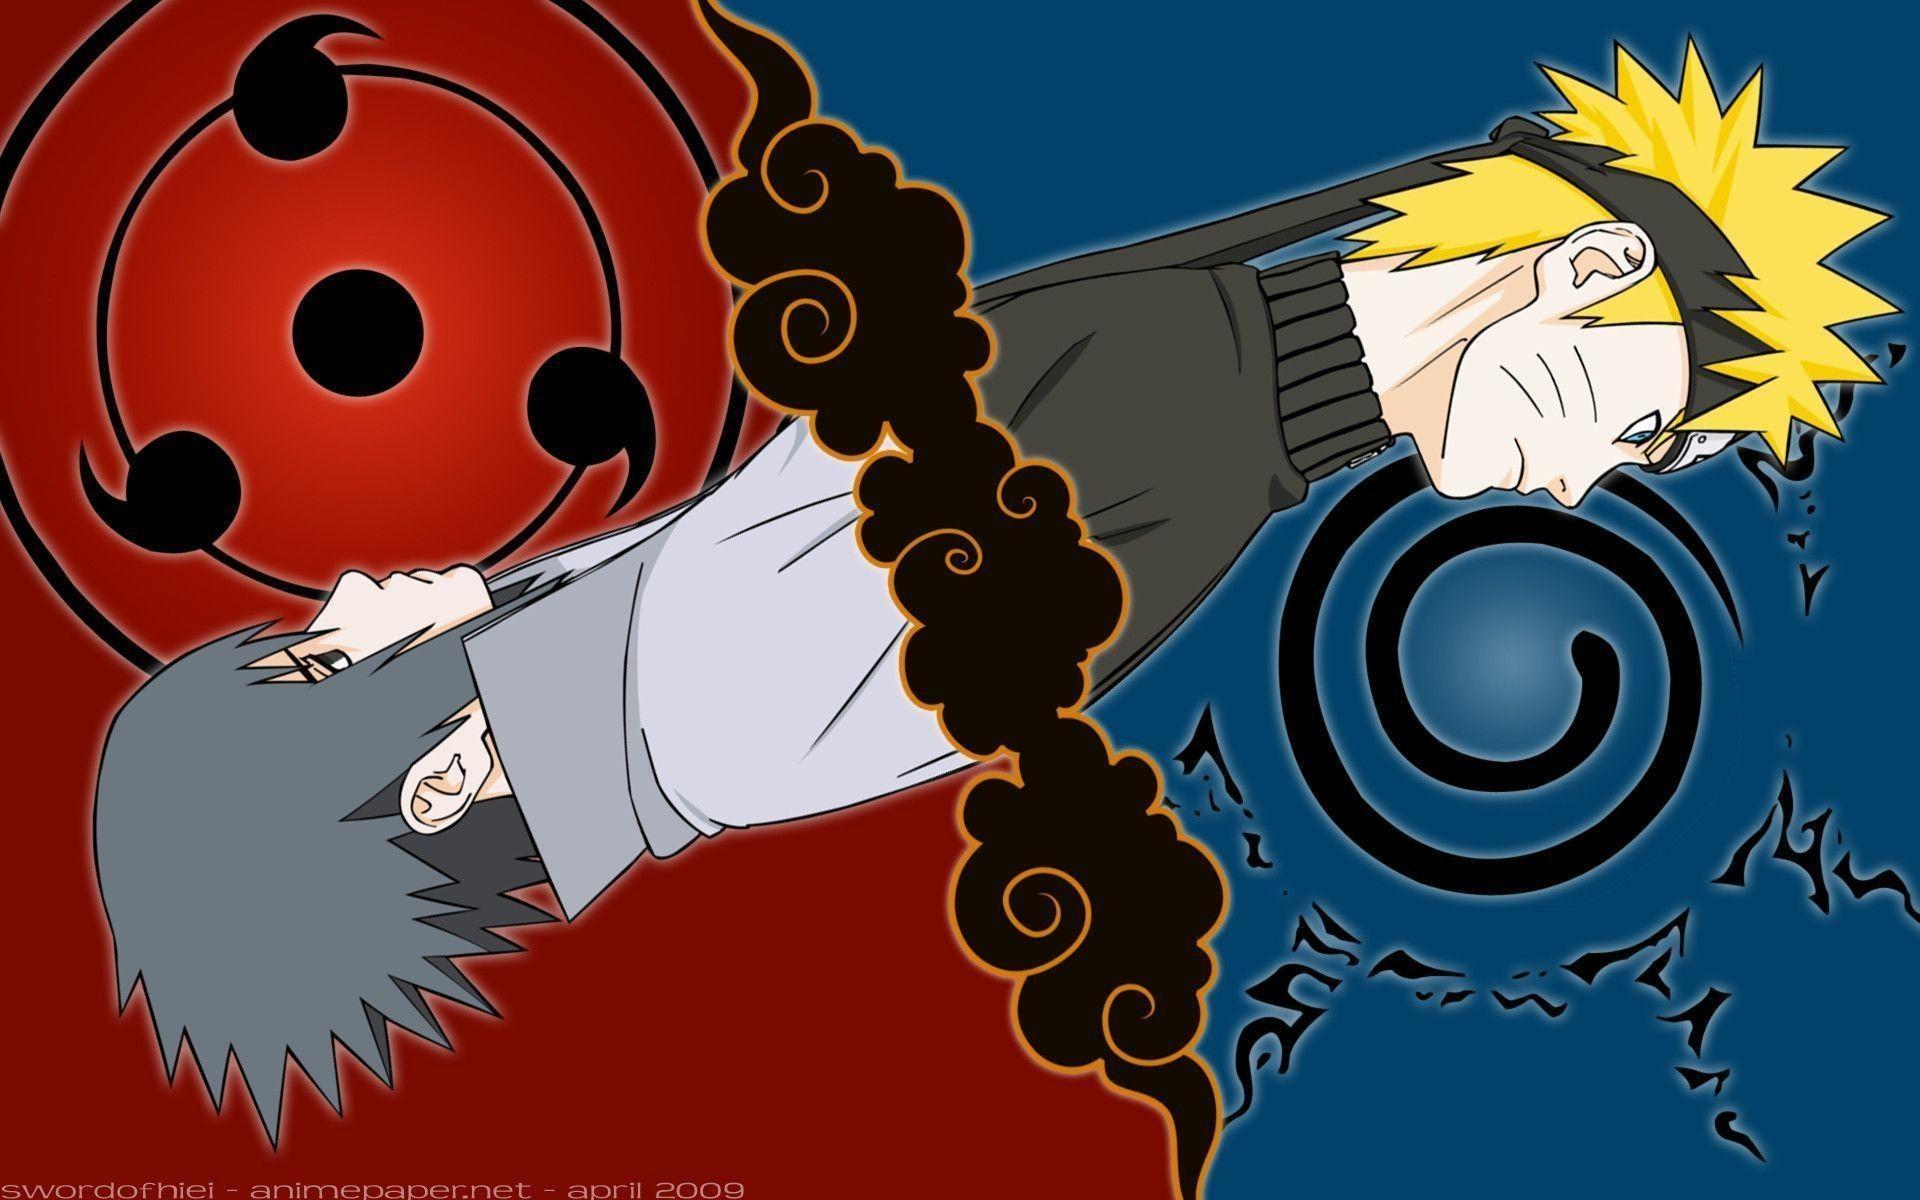 Pain Naruto Wallpaper 66 Images